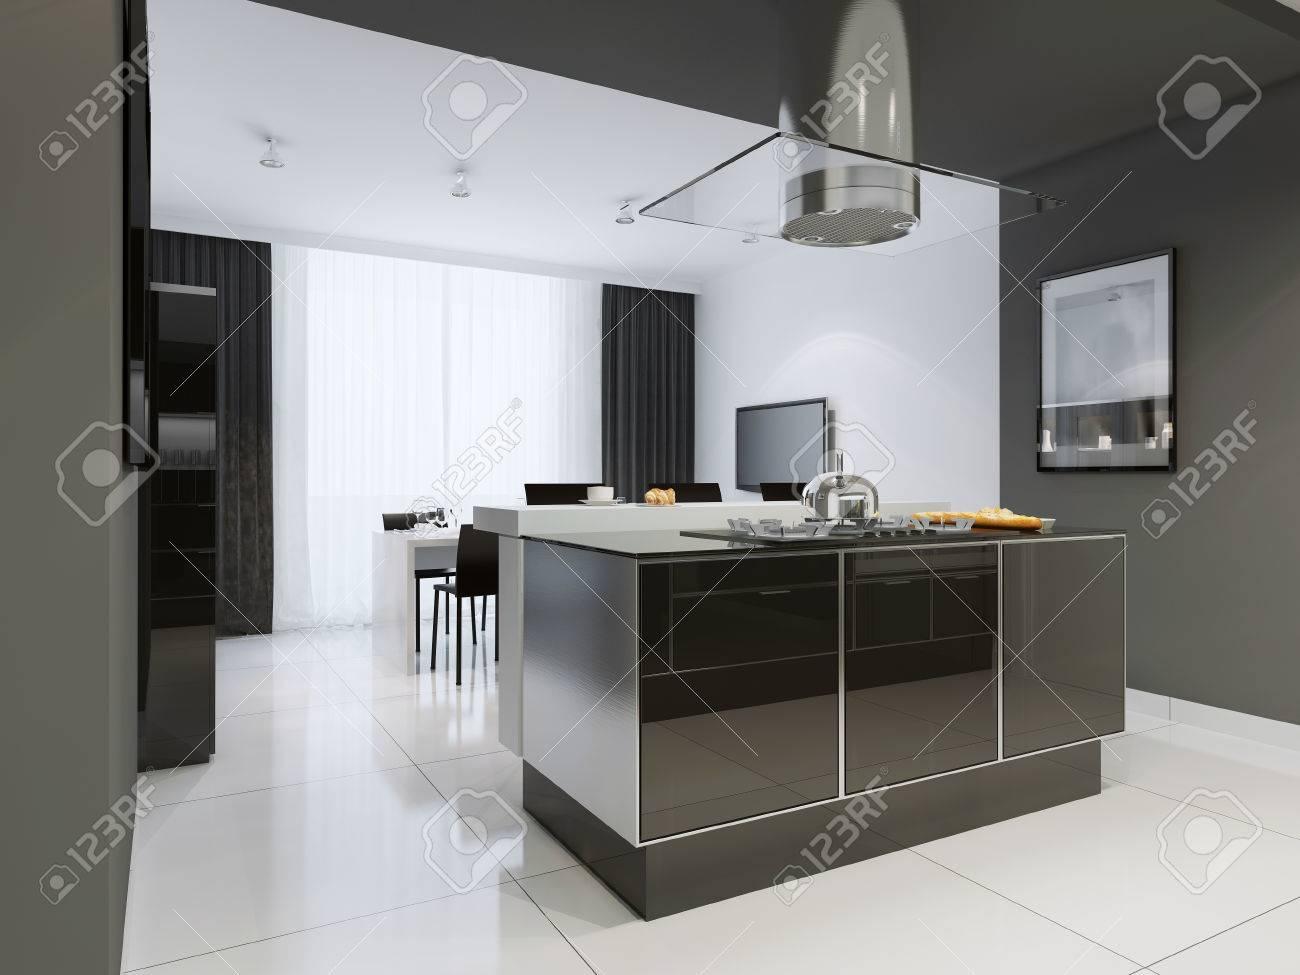 Arredo sala da pranzo moderna : arredamento sala da pranzo moderno ...